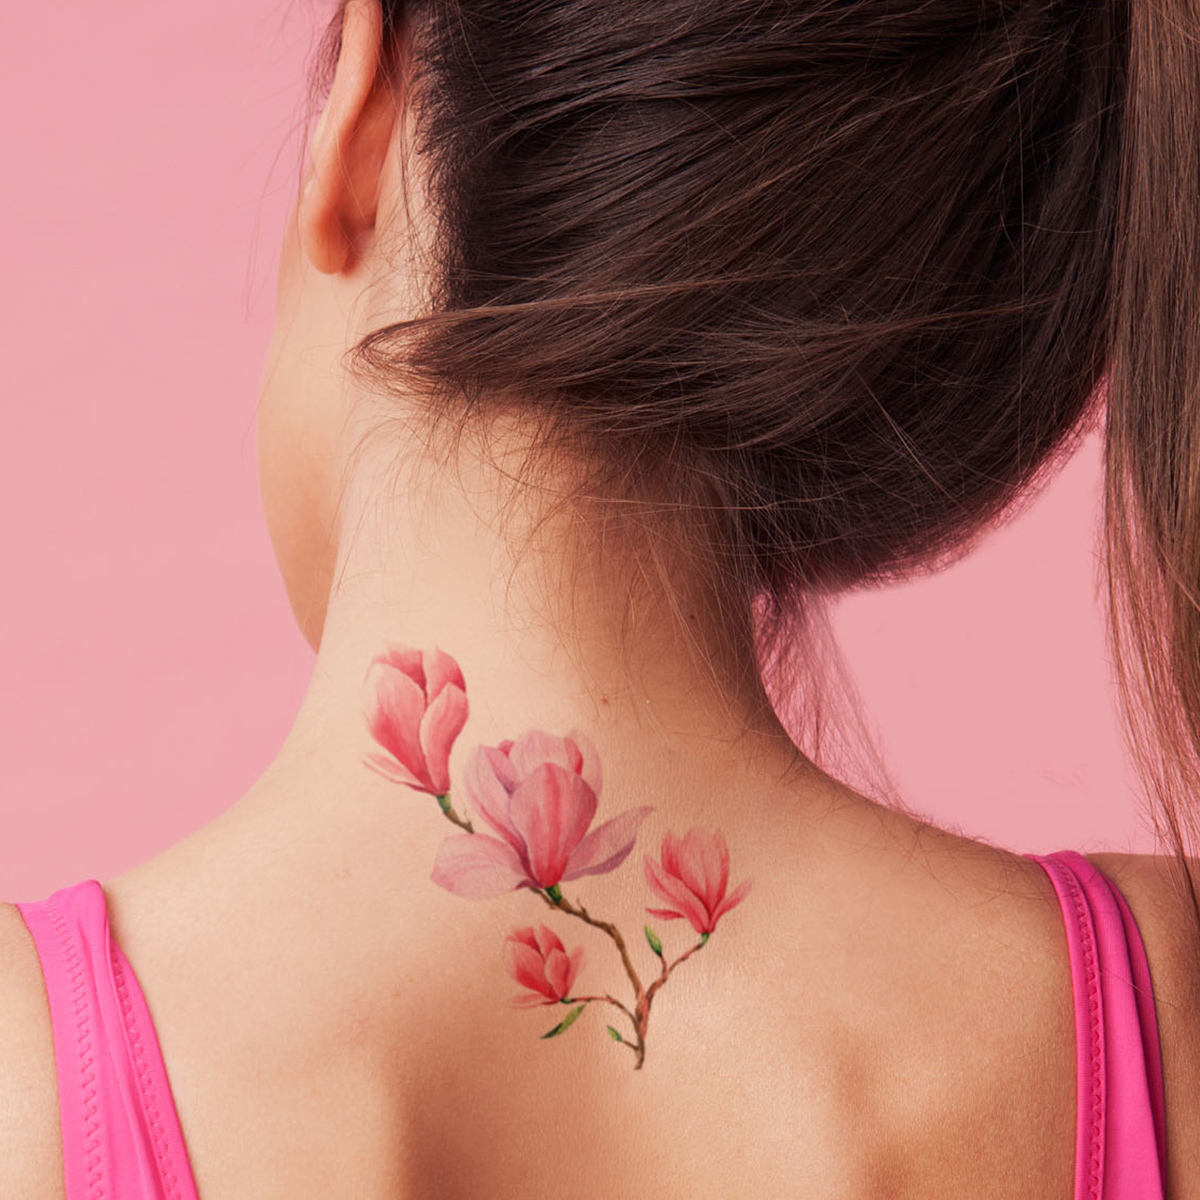 Днем, картинки татуировок для девушек